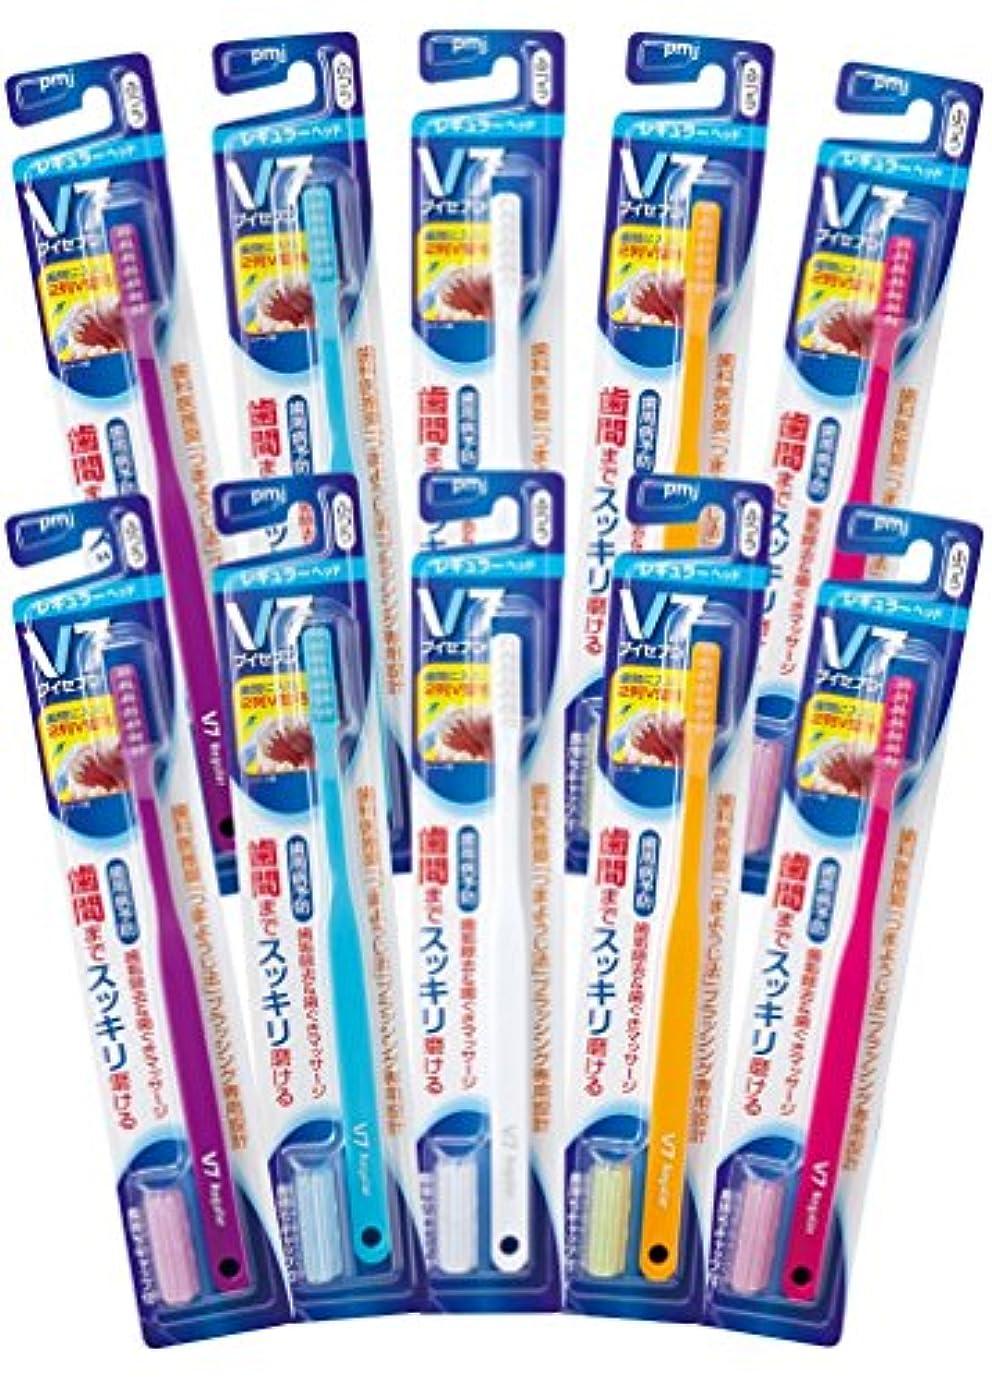 プレミア印象派細部つまようじ法 歯ブラシ V-7 レギュラーヘッド ブリスター 10本入